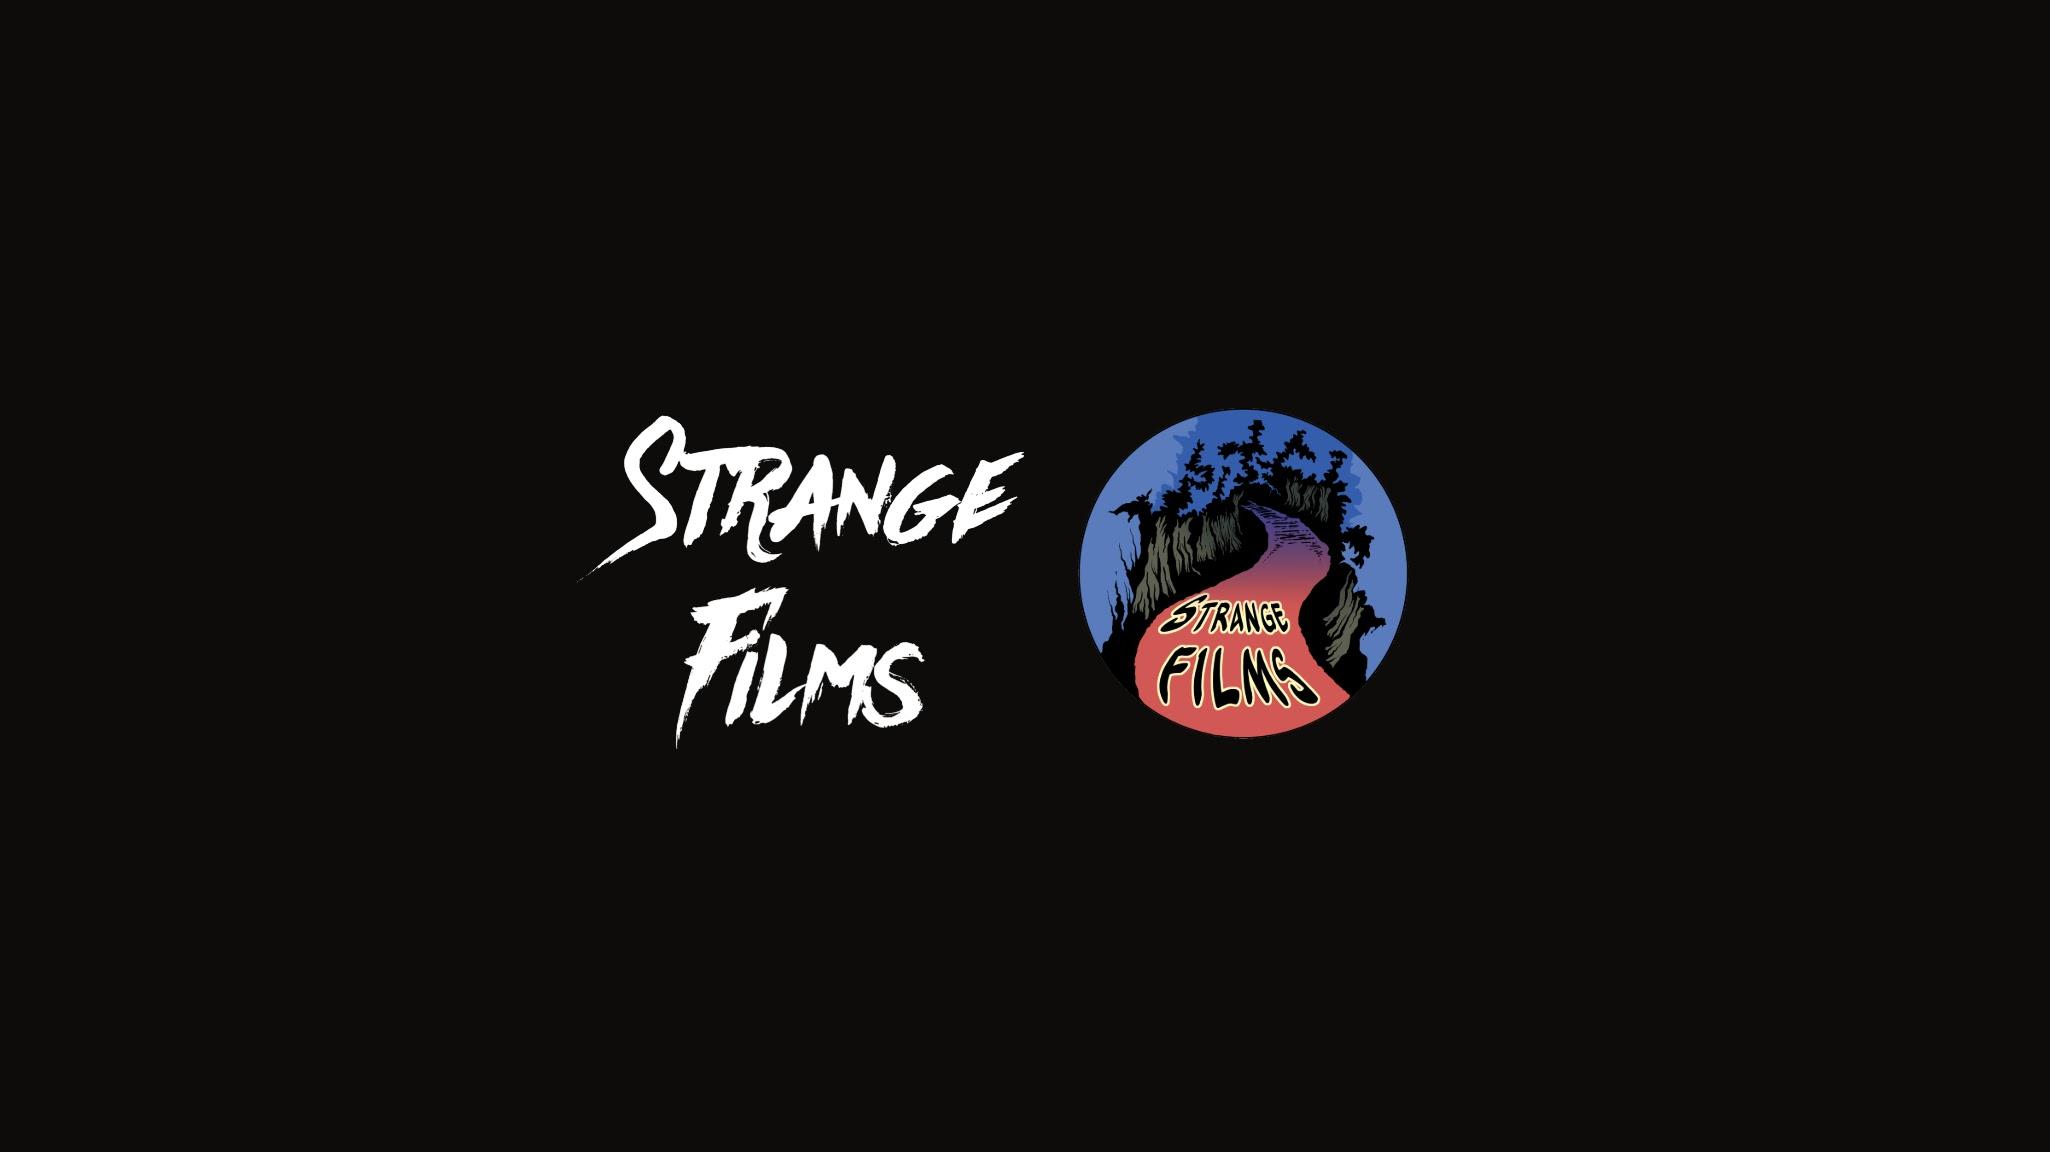 STRANGE FILMS